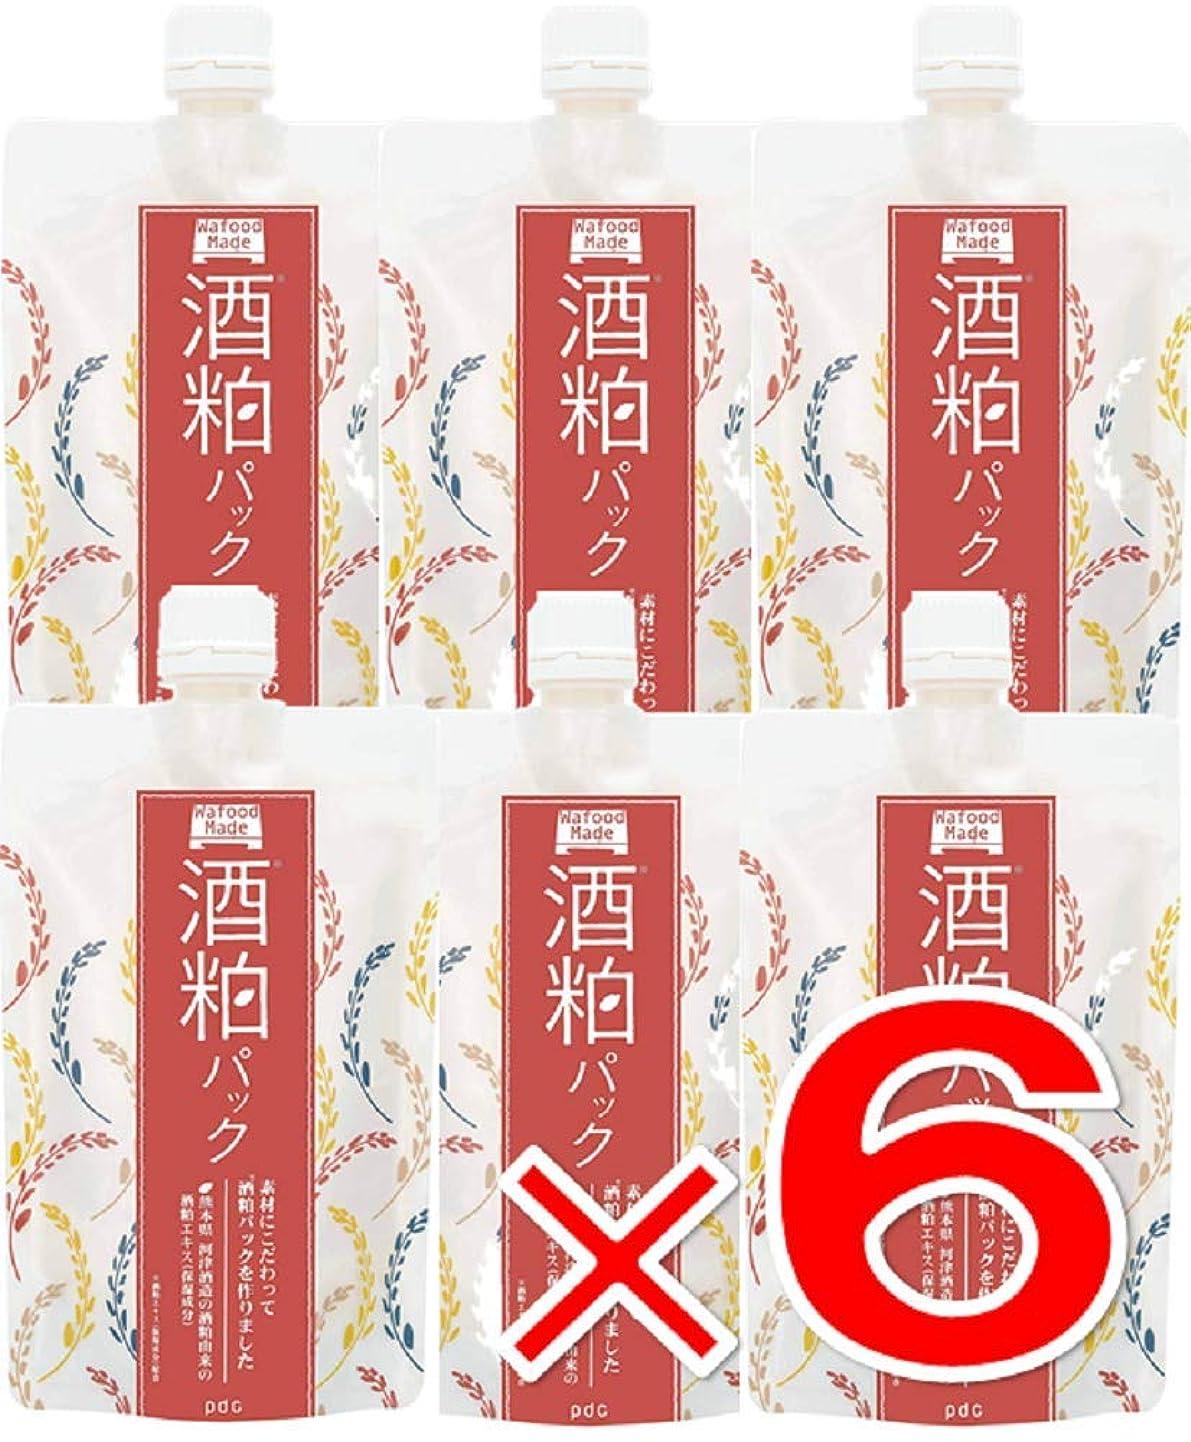 乳白色ベジタリアン飢えた【 6個 】 ワフードメイド (Wafood Made) 酒粕パック 170g 日本製